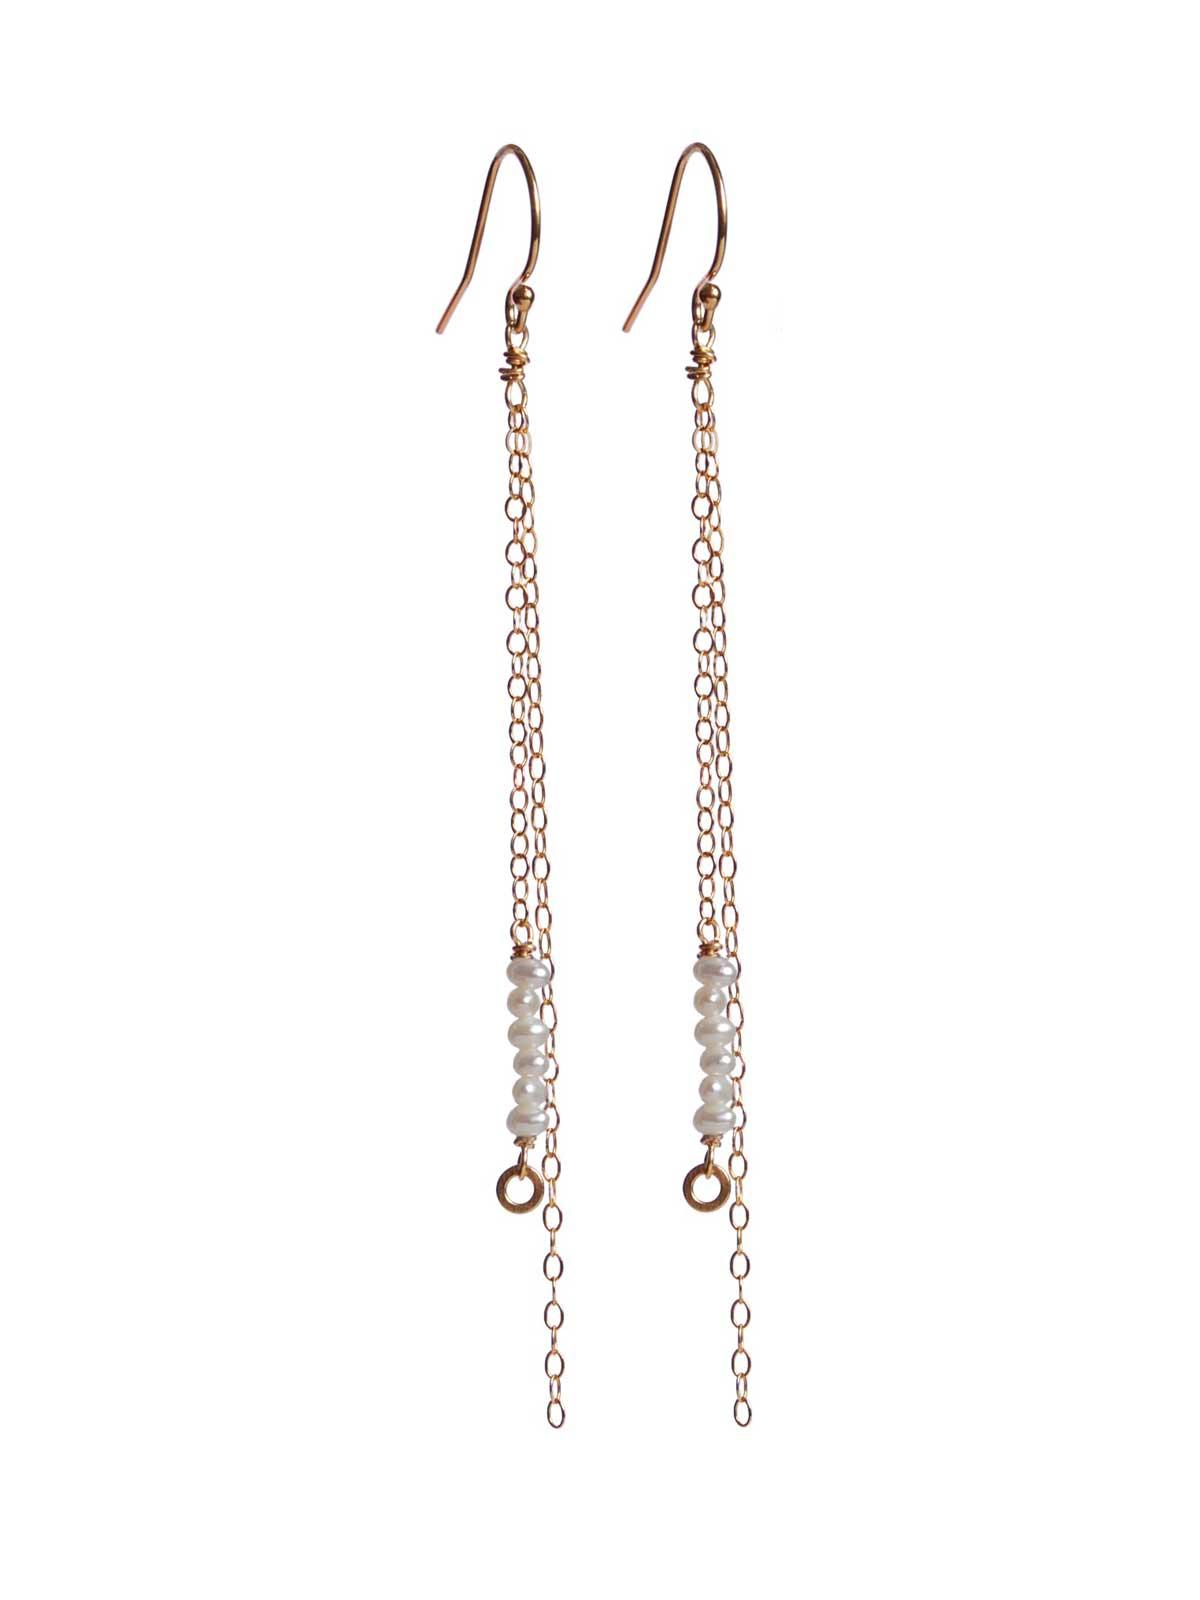 Earrings 14K Gold-filled white Freshwater Pearl